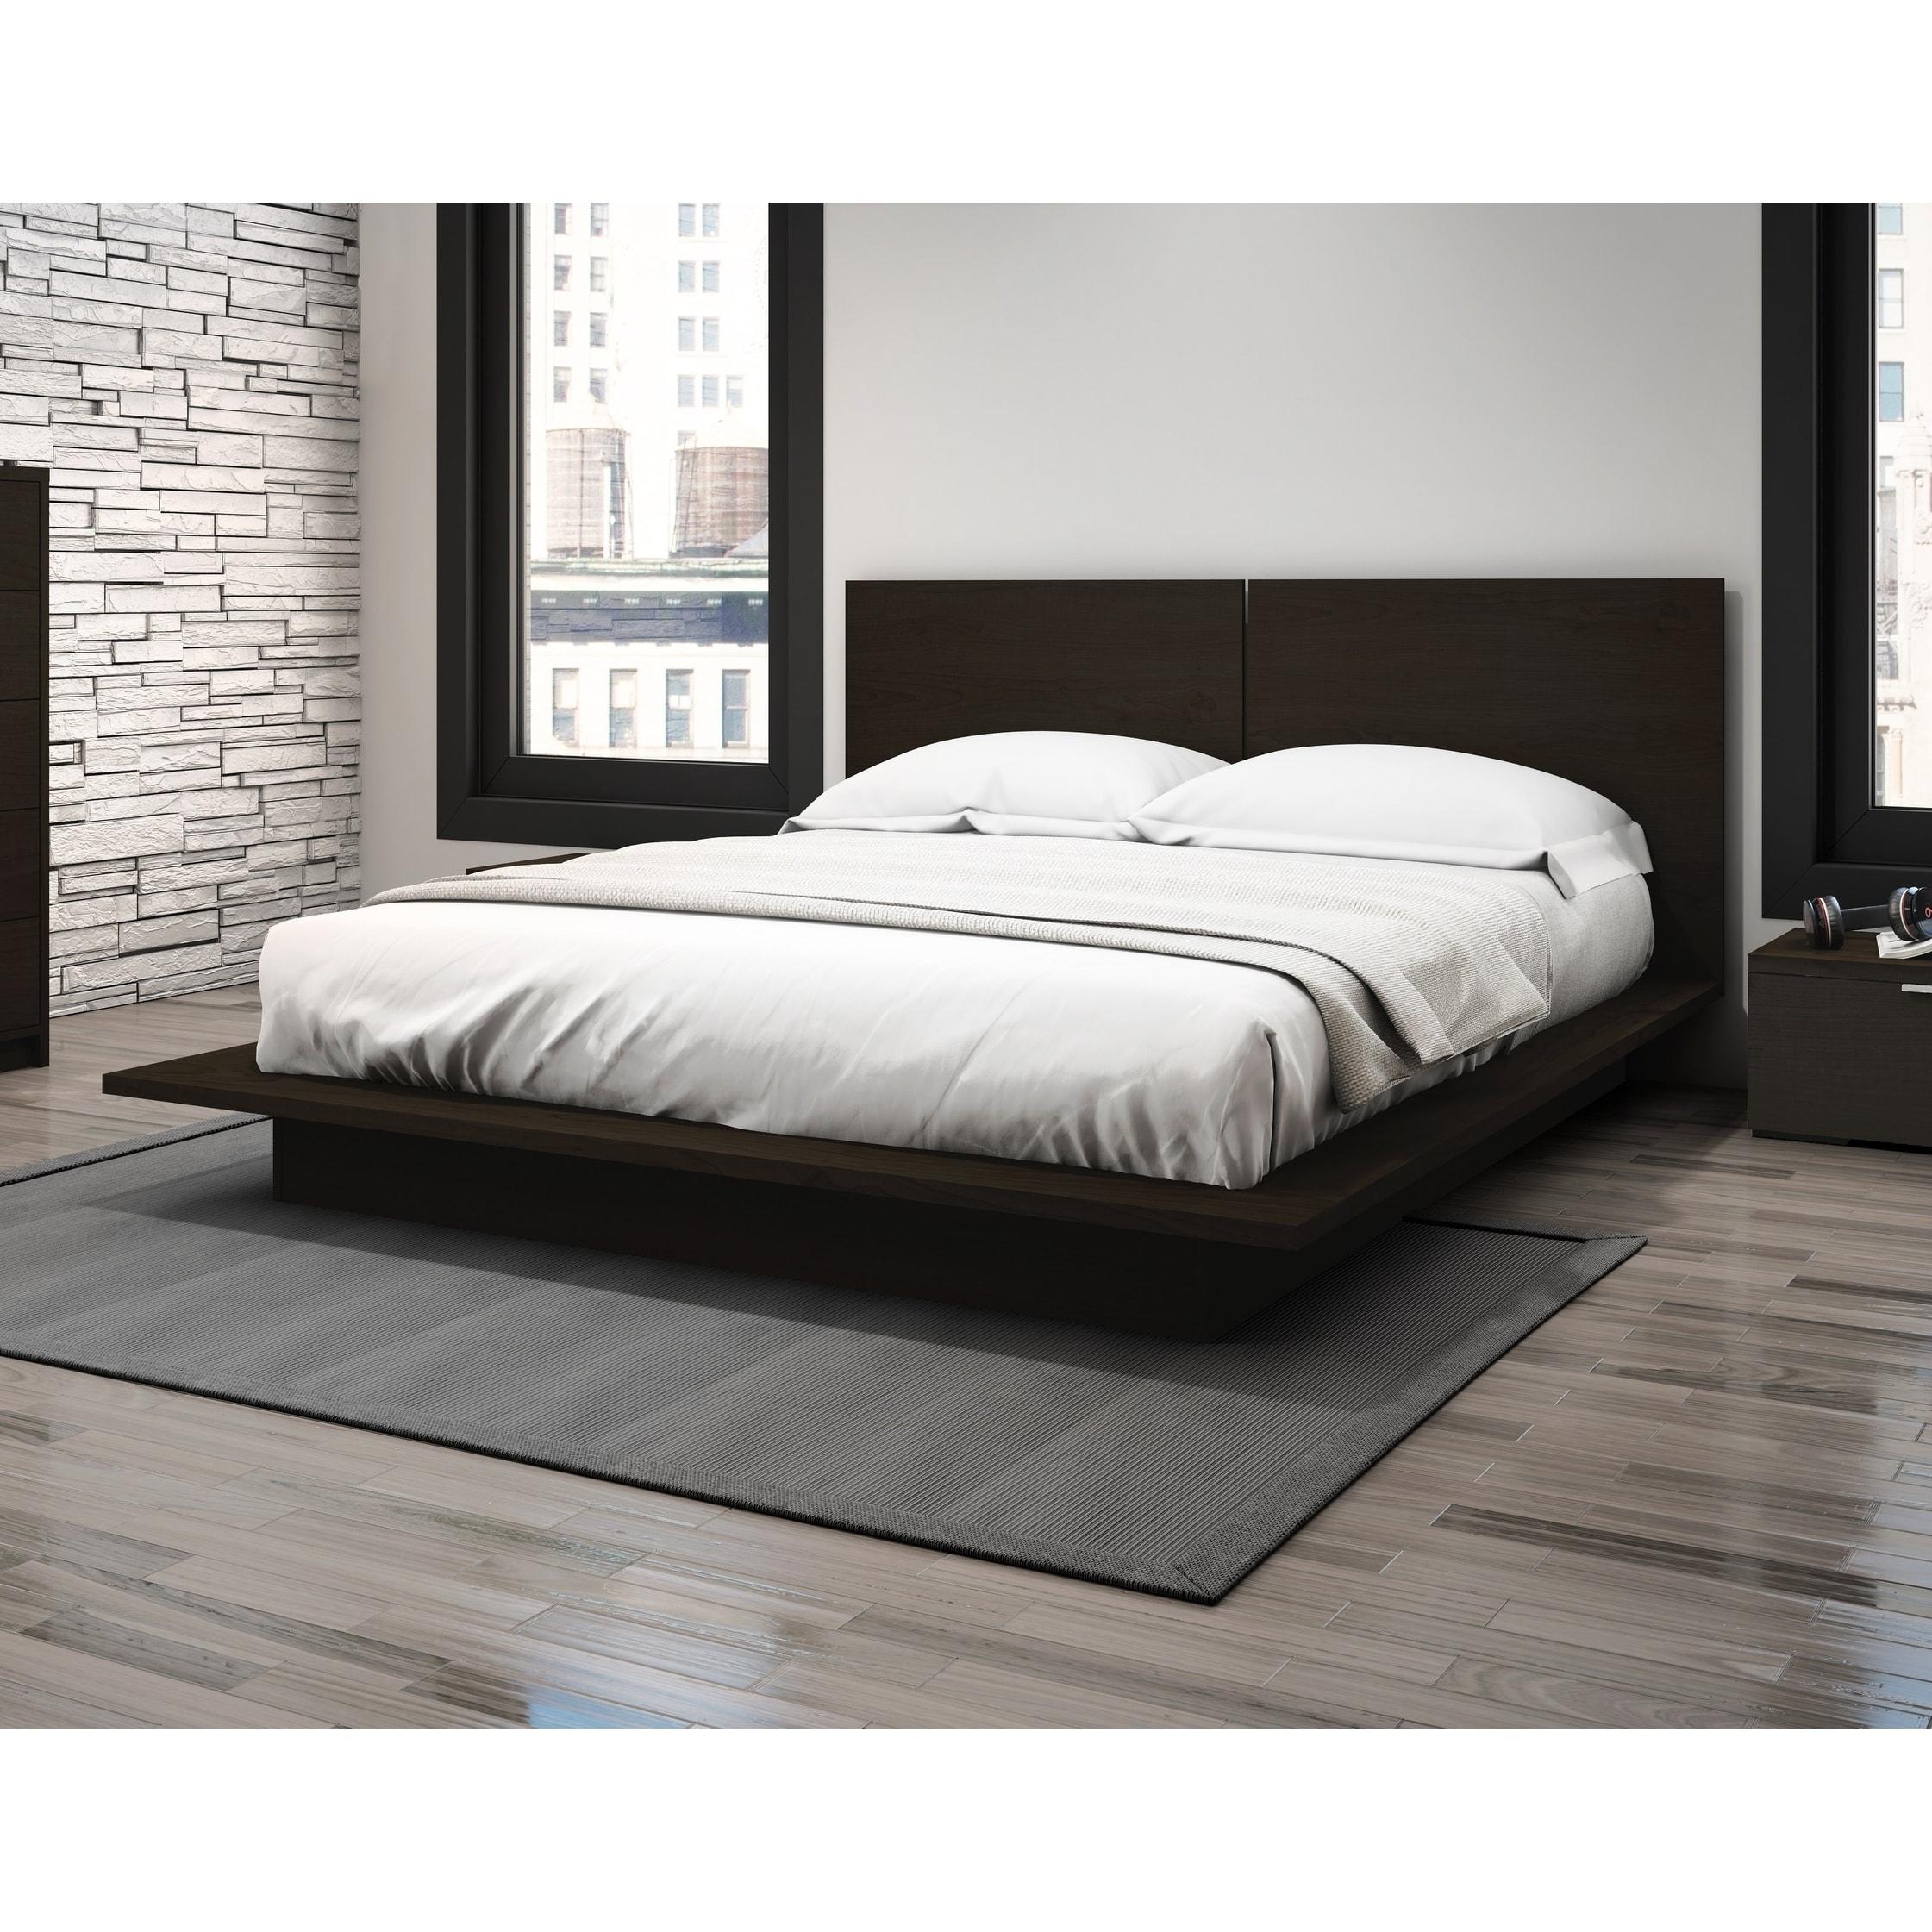 Queen Low Profile Platform Bed